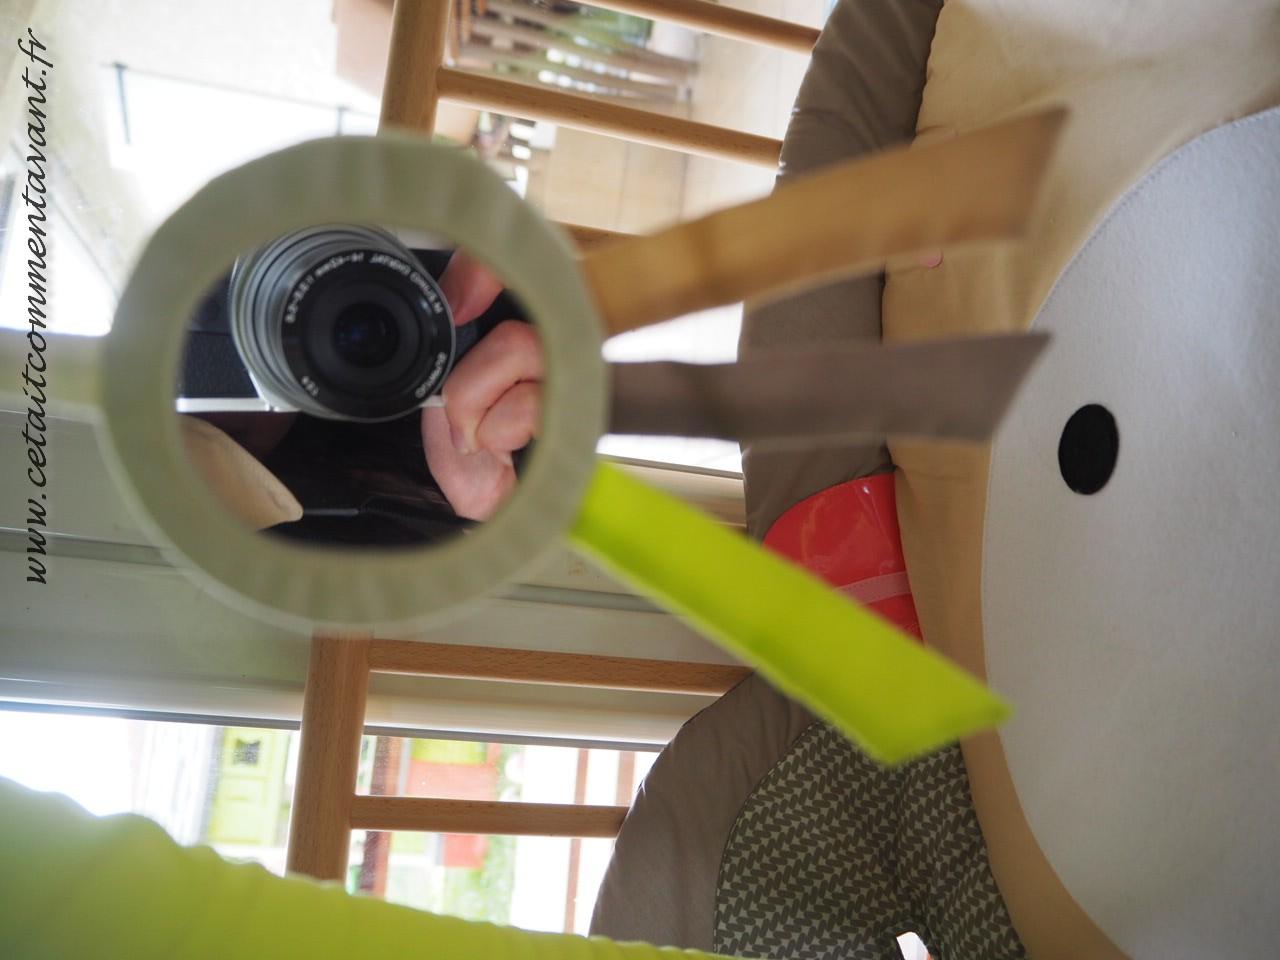 Comment Faire Une Decoration De Boules Suspendues Dans Salon